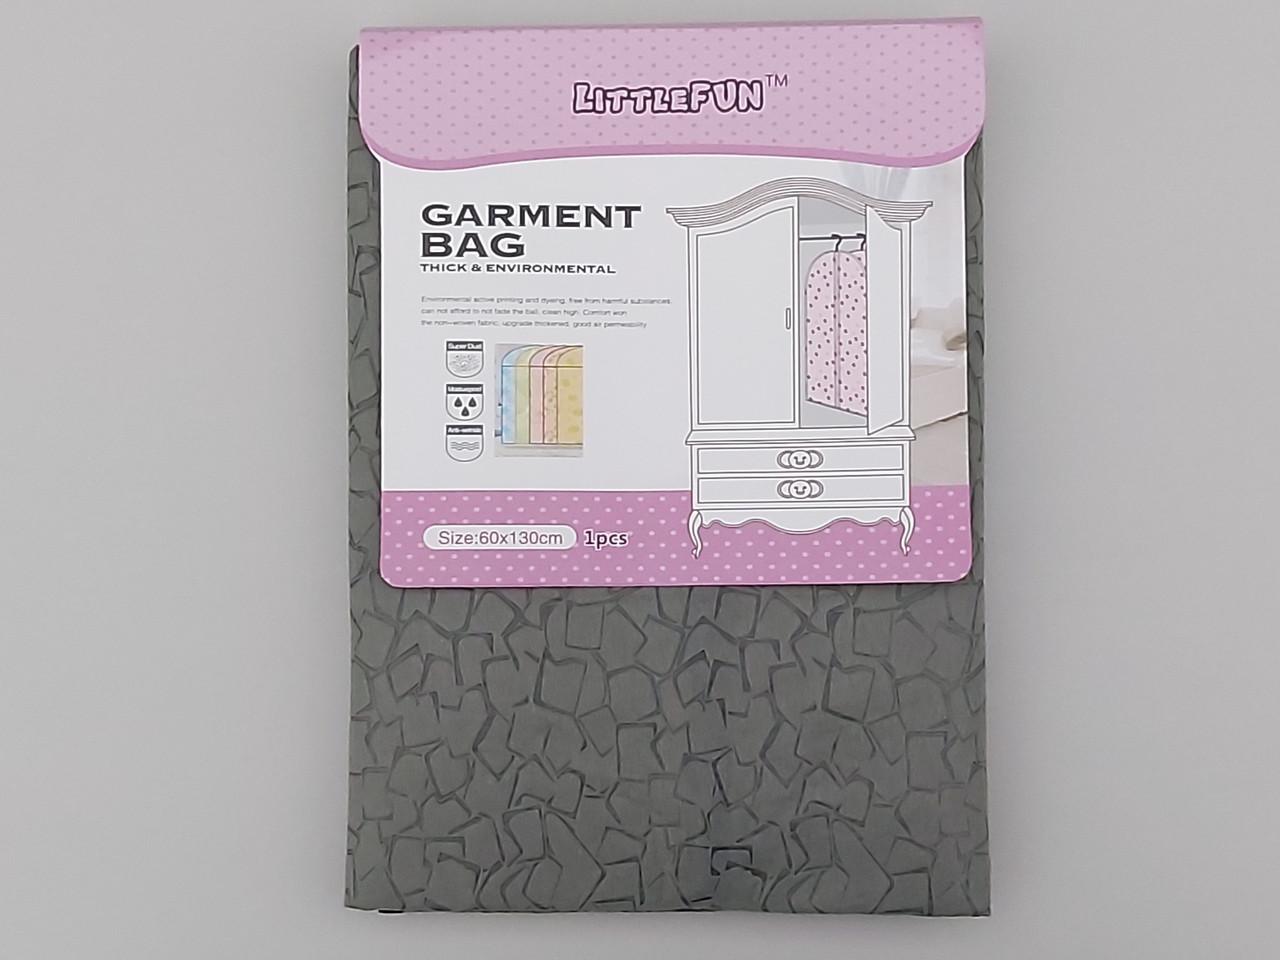 Чехол для хранения и упаковки одежды  утолщенный флизелиновый  серого цвета. Размер 60 см*130 см.